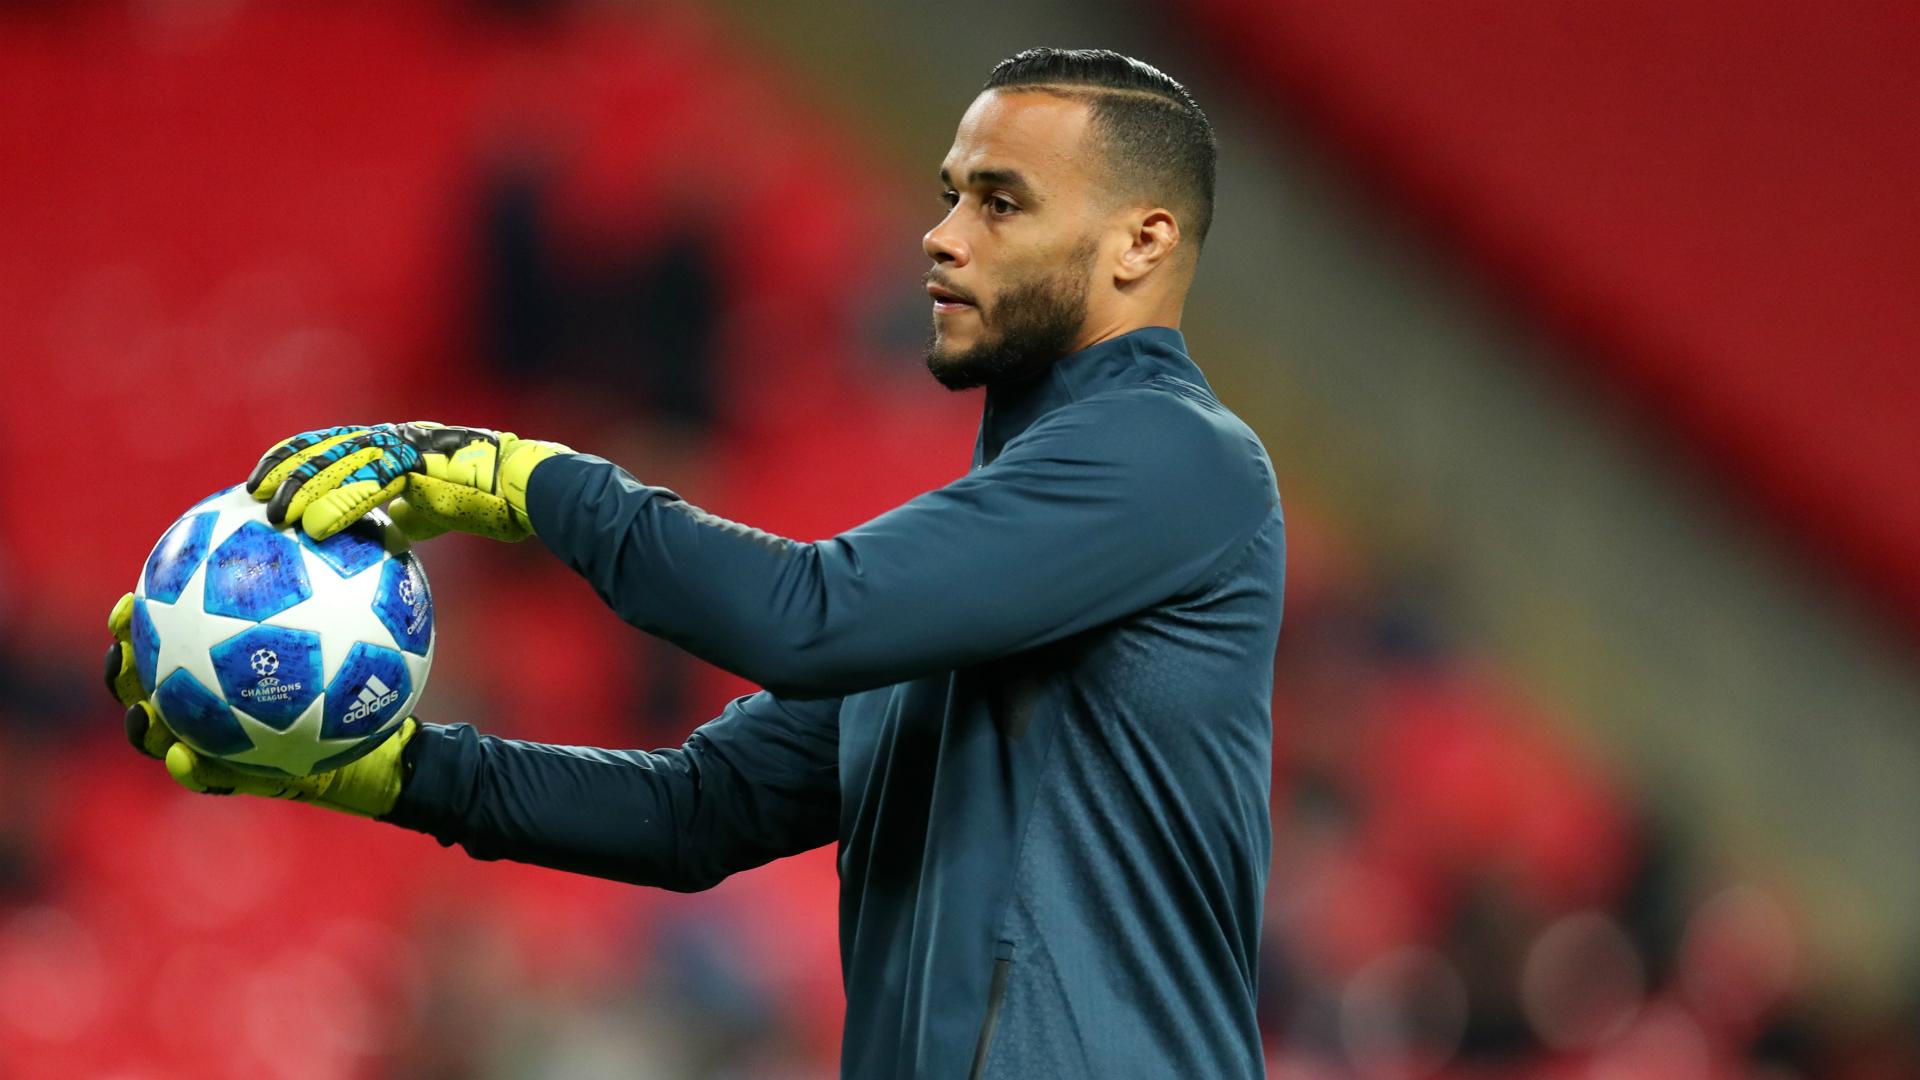 Former Tottenham and Netherlands goalkeeper Vorm retires